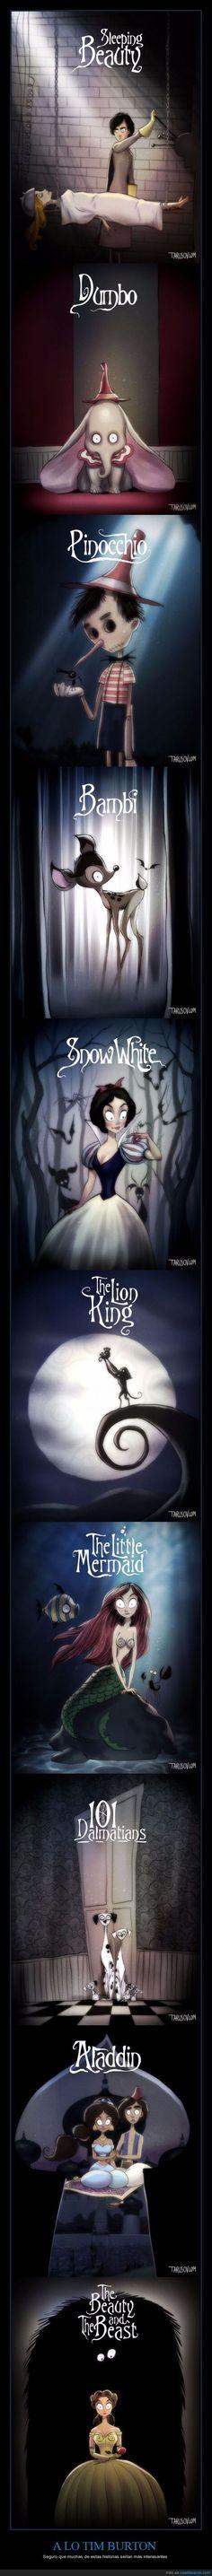 Tim Burton ha creado escuela - Seguro que muchas de estas historias serían más interesantes